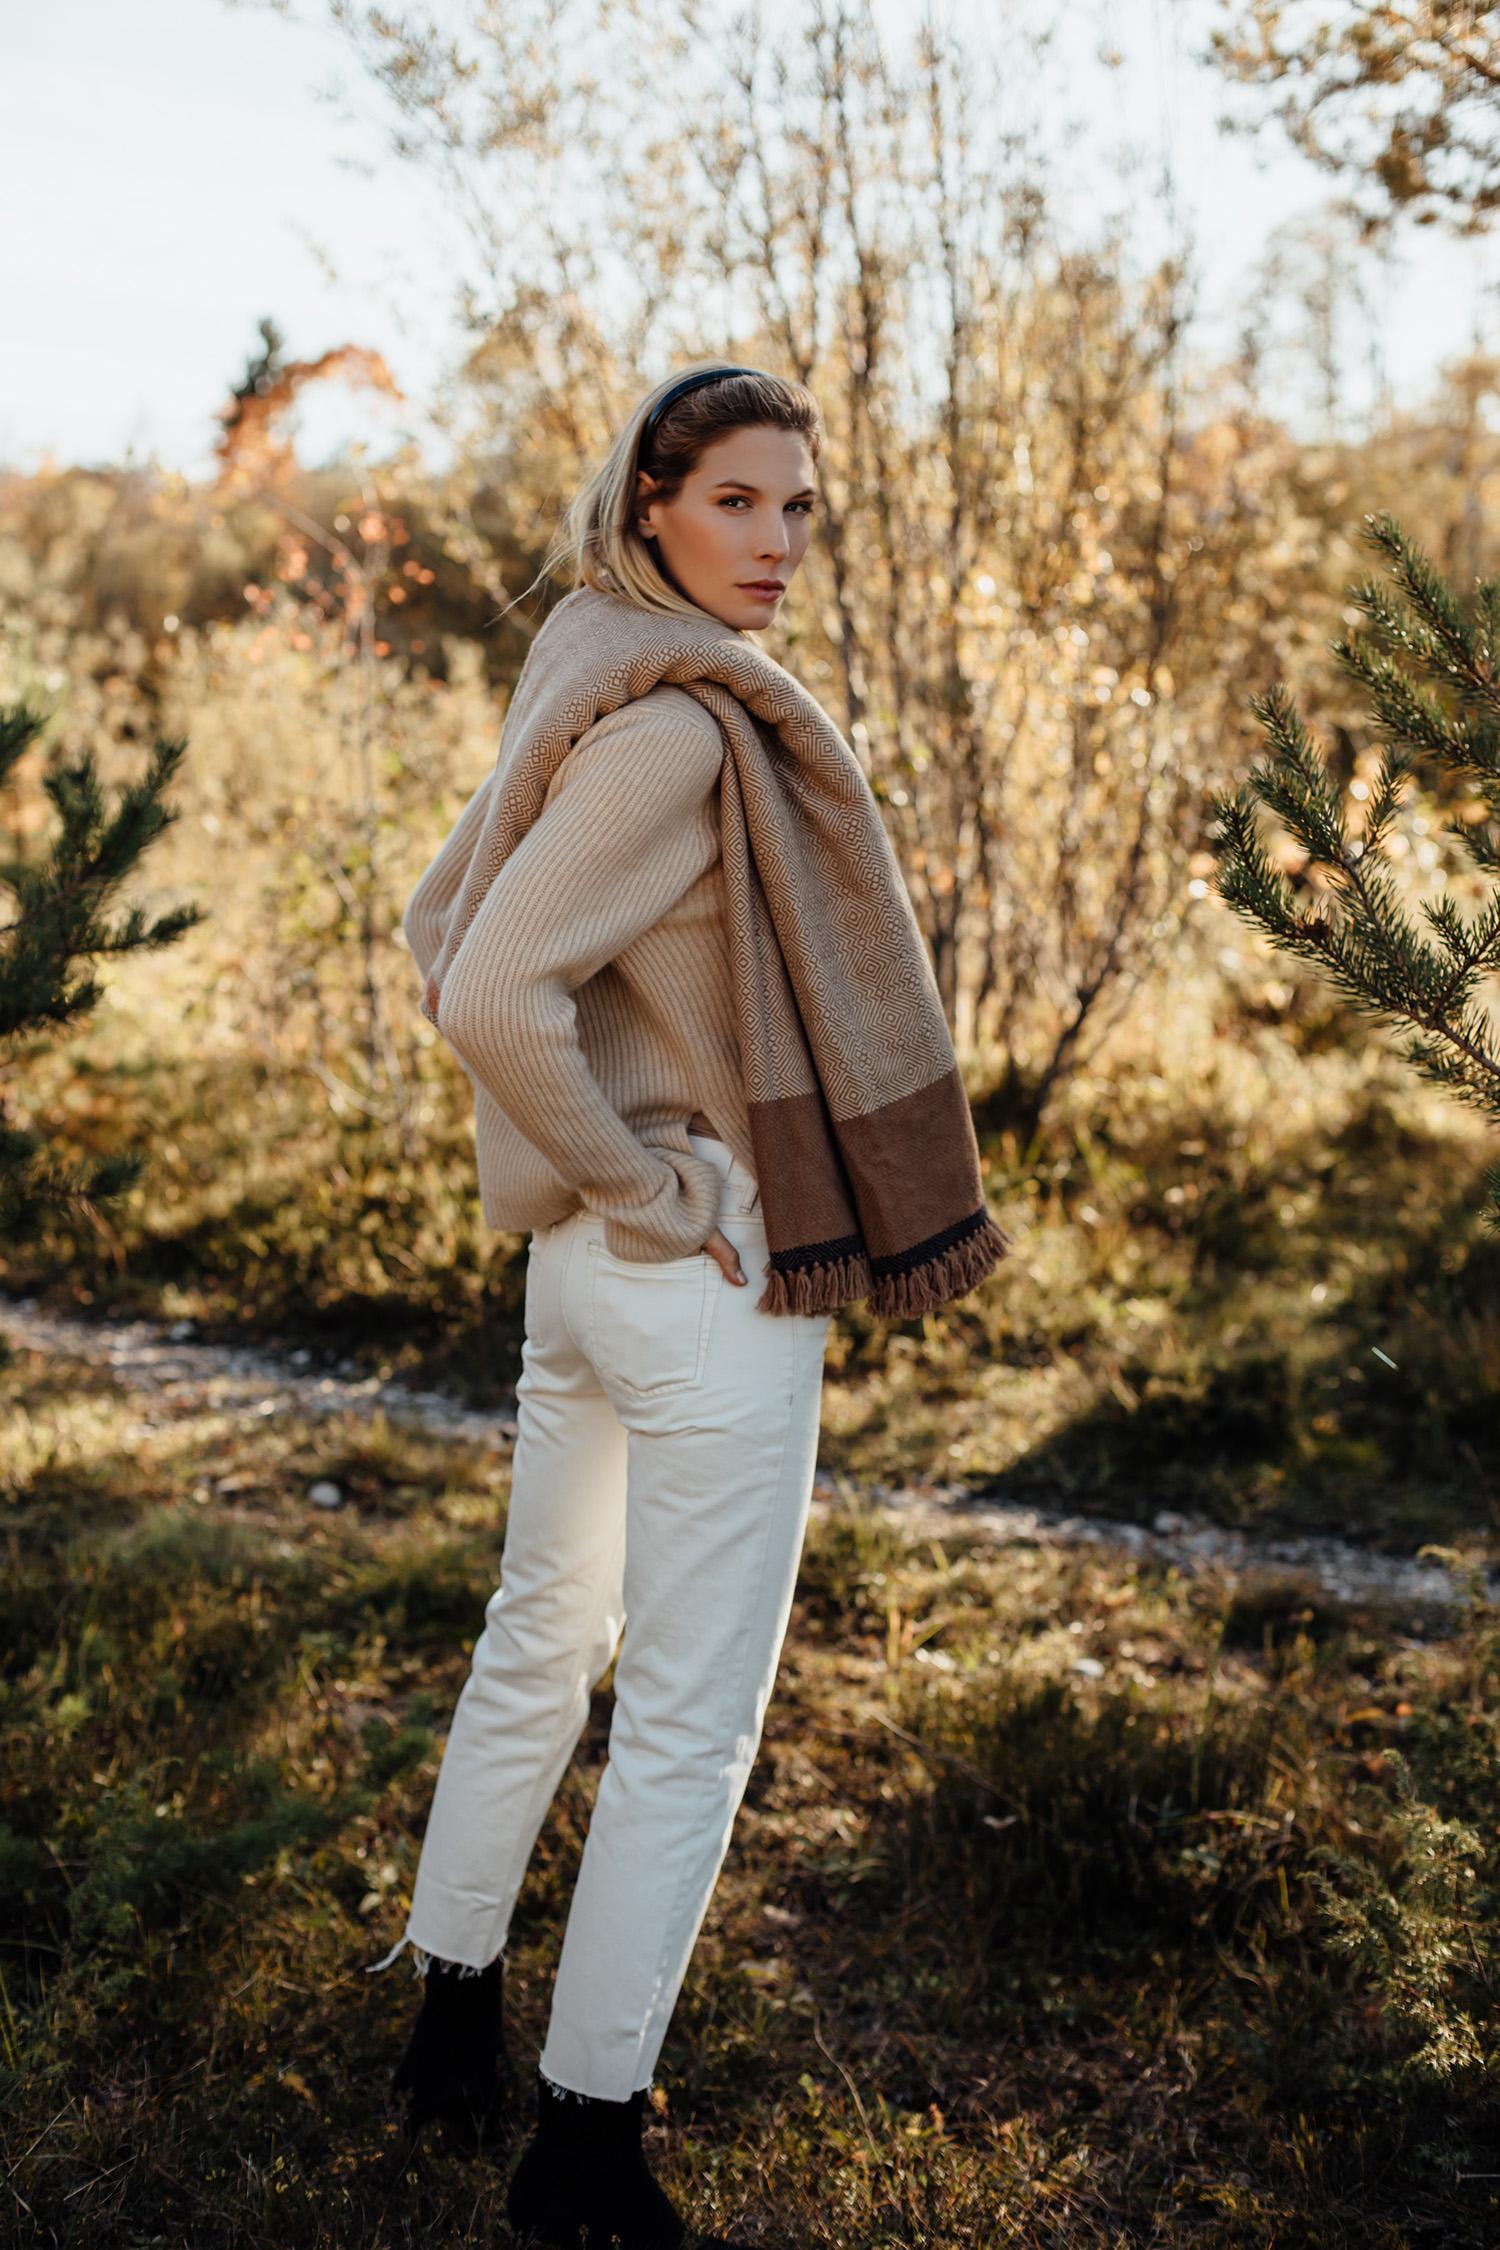 Modefotografie-Mode-Fotograf-Katalog-Fotoproduktion-R12